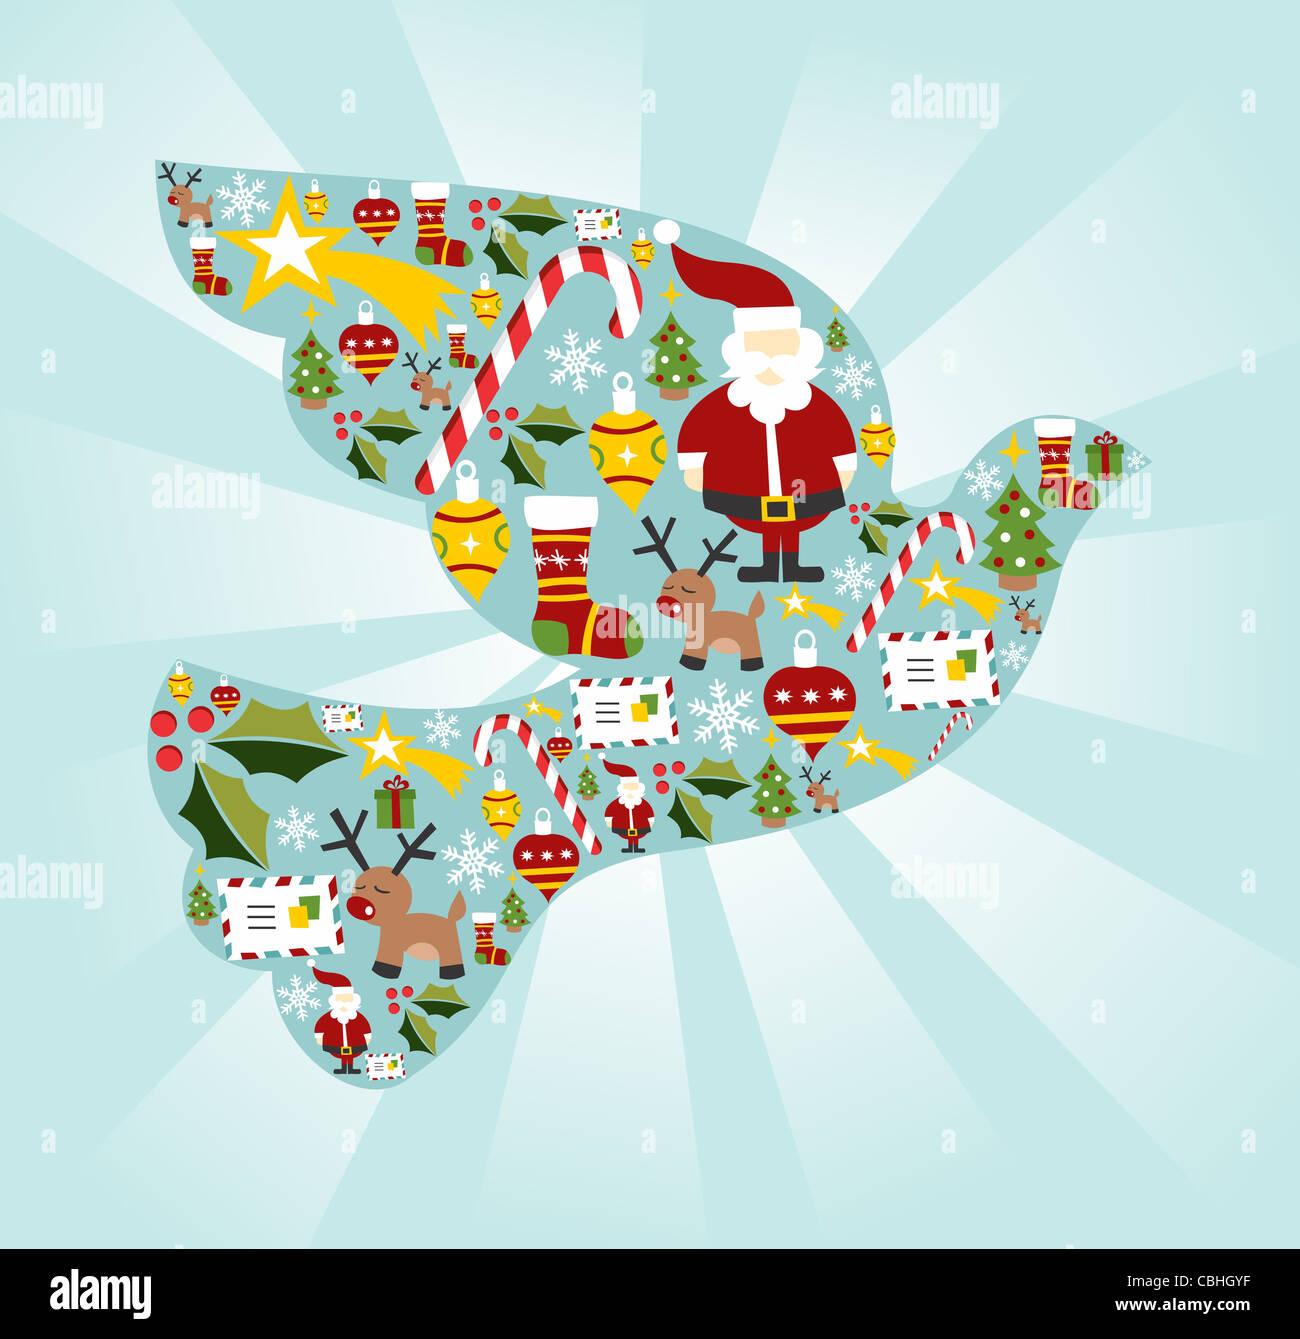 Christmas Icona impostare nella colomba della pace forma sfondo. File vettoriale disponibile. Immagini Stock